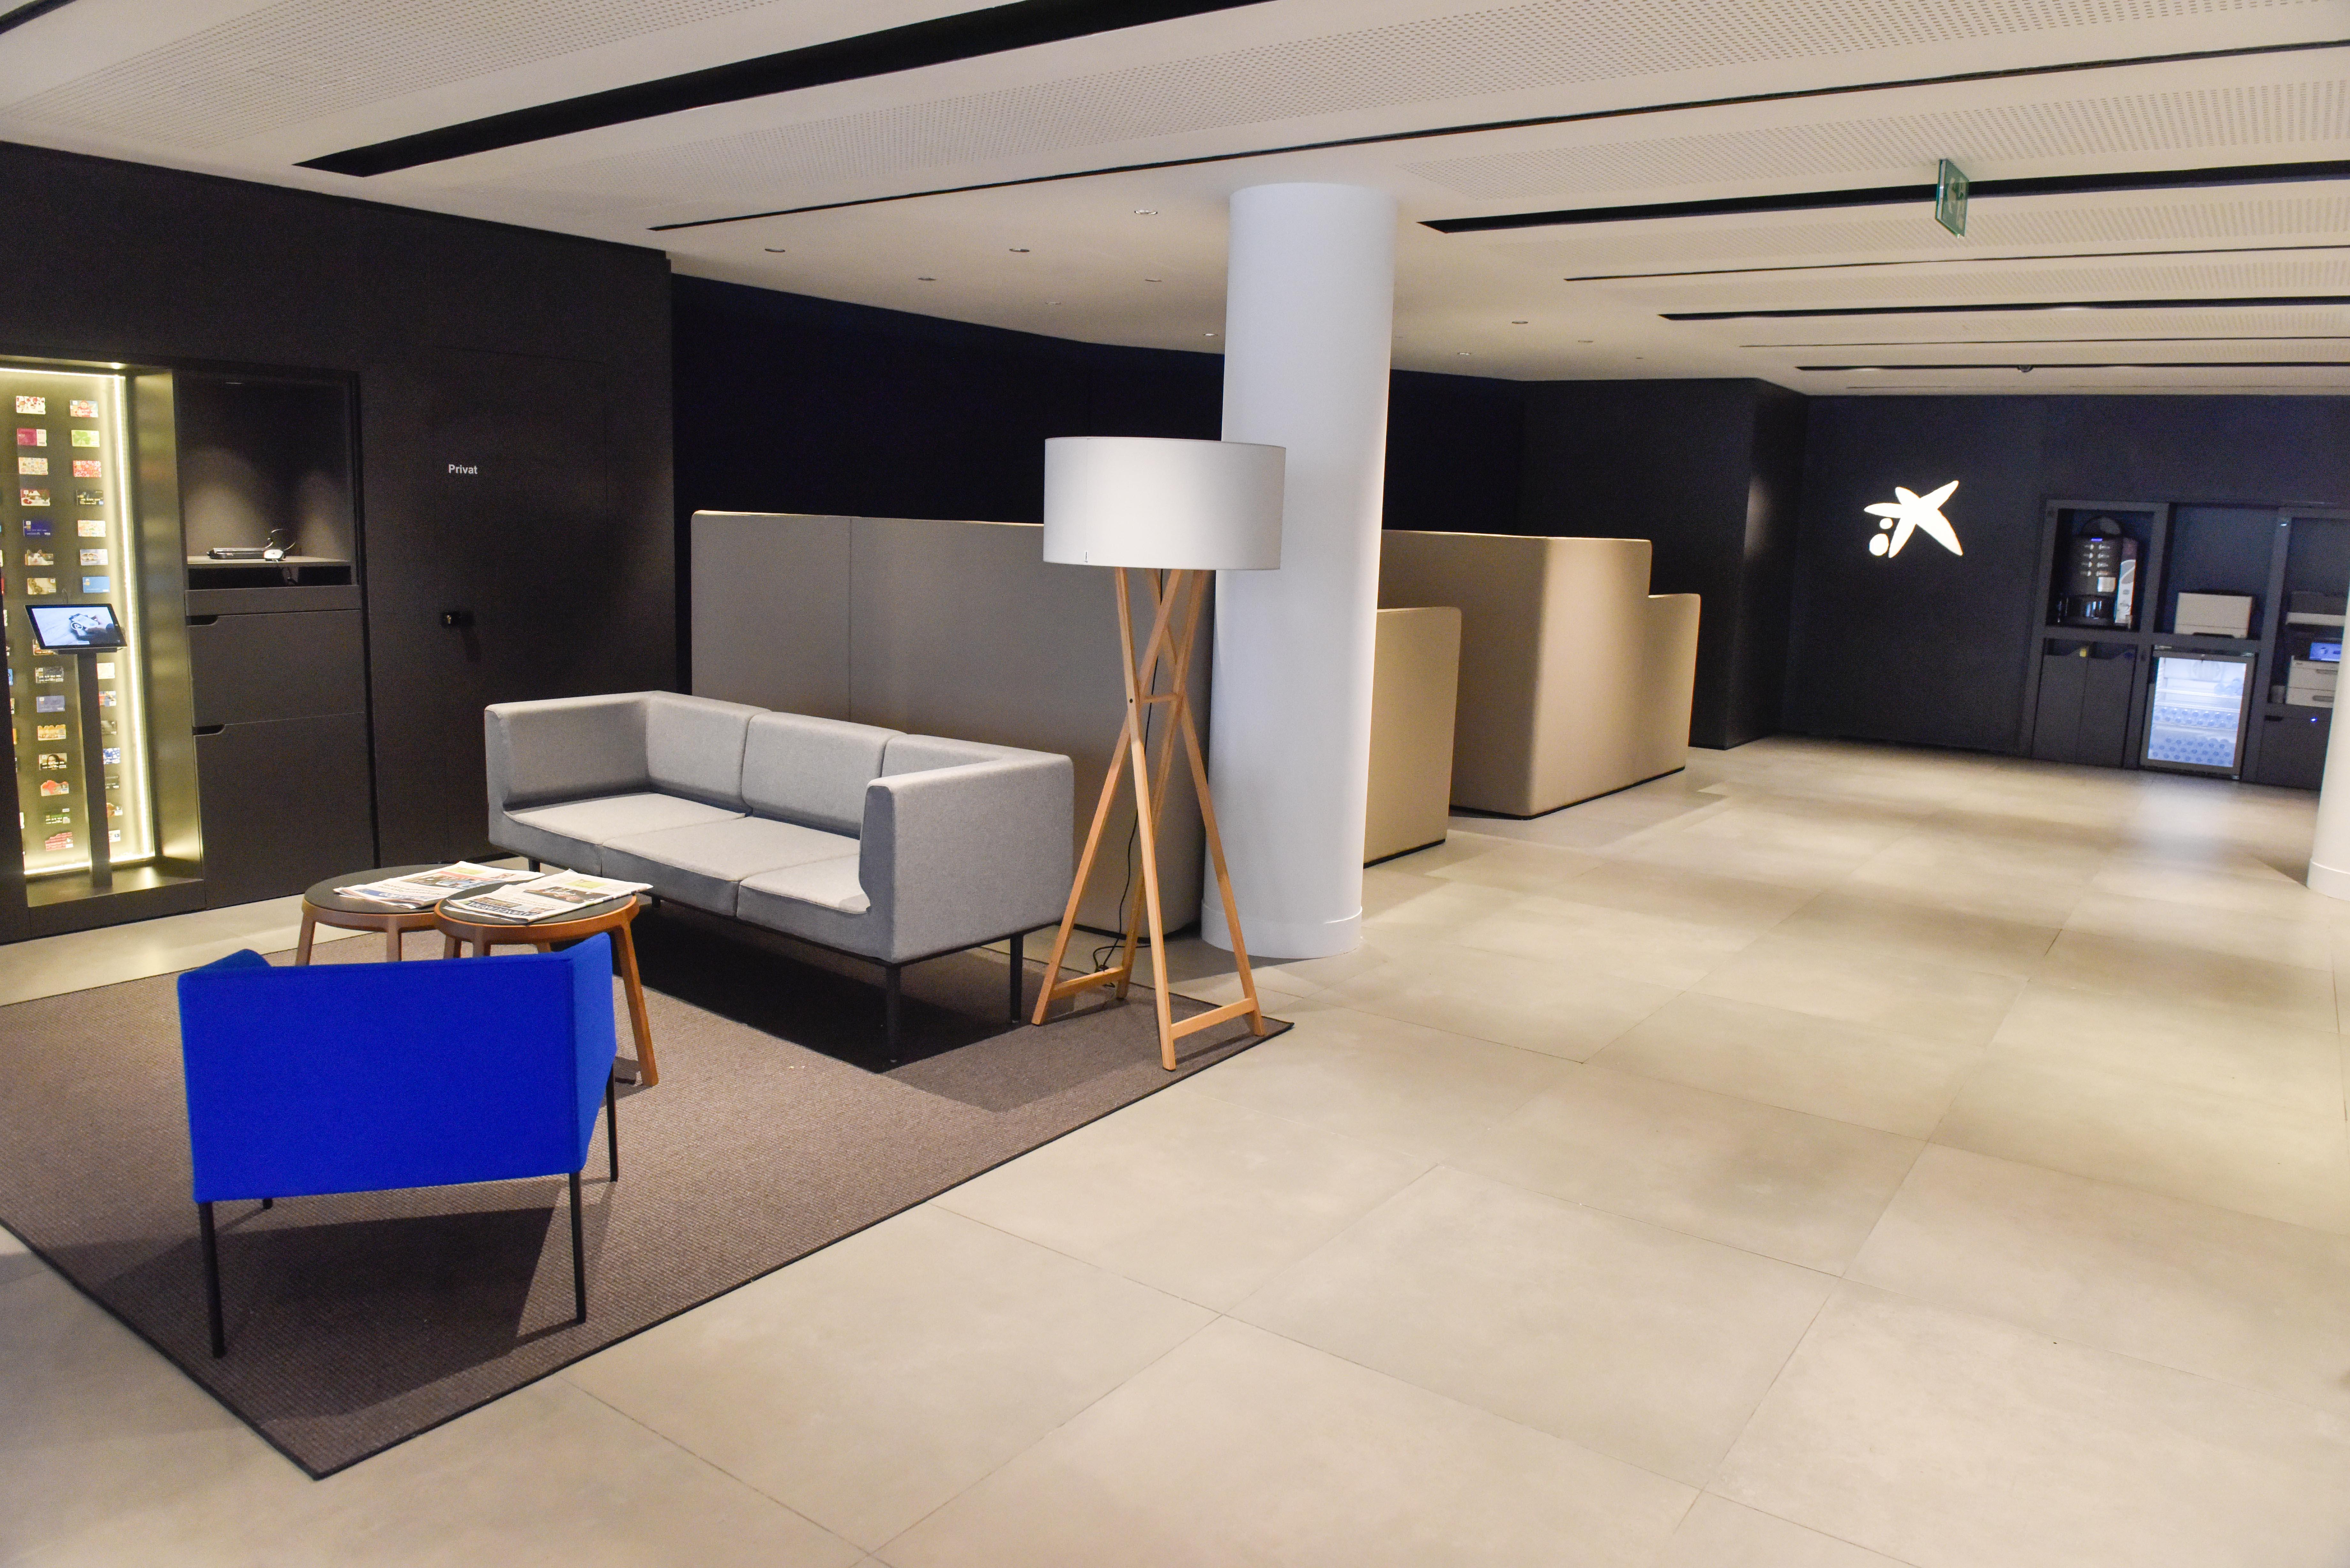 Caixabank abre en martorell una oficina de su nuevo modelo for La caixa oficinas zaragoza